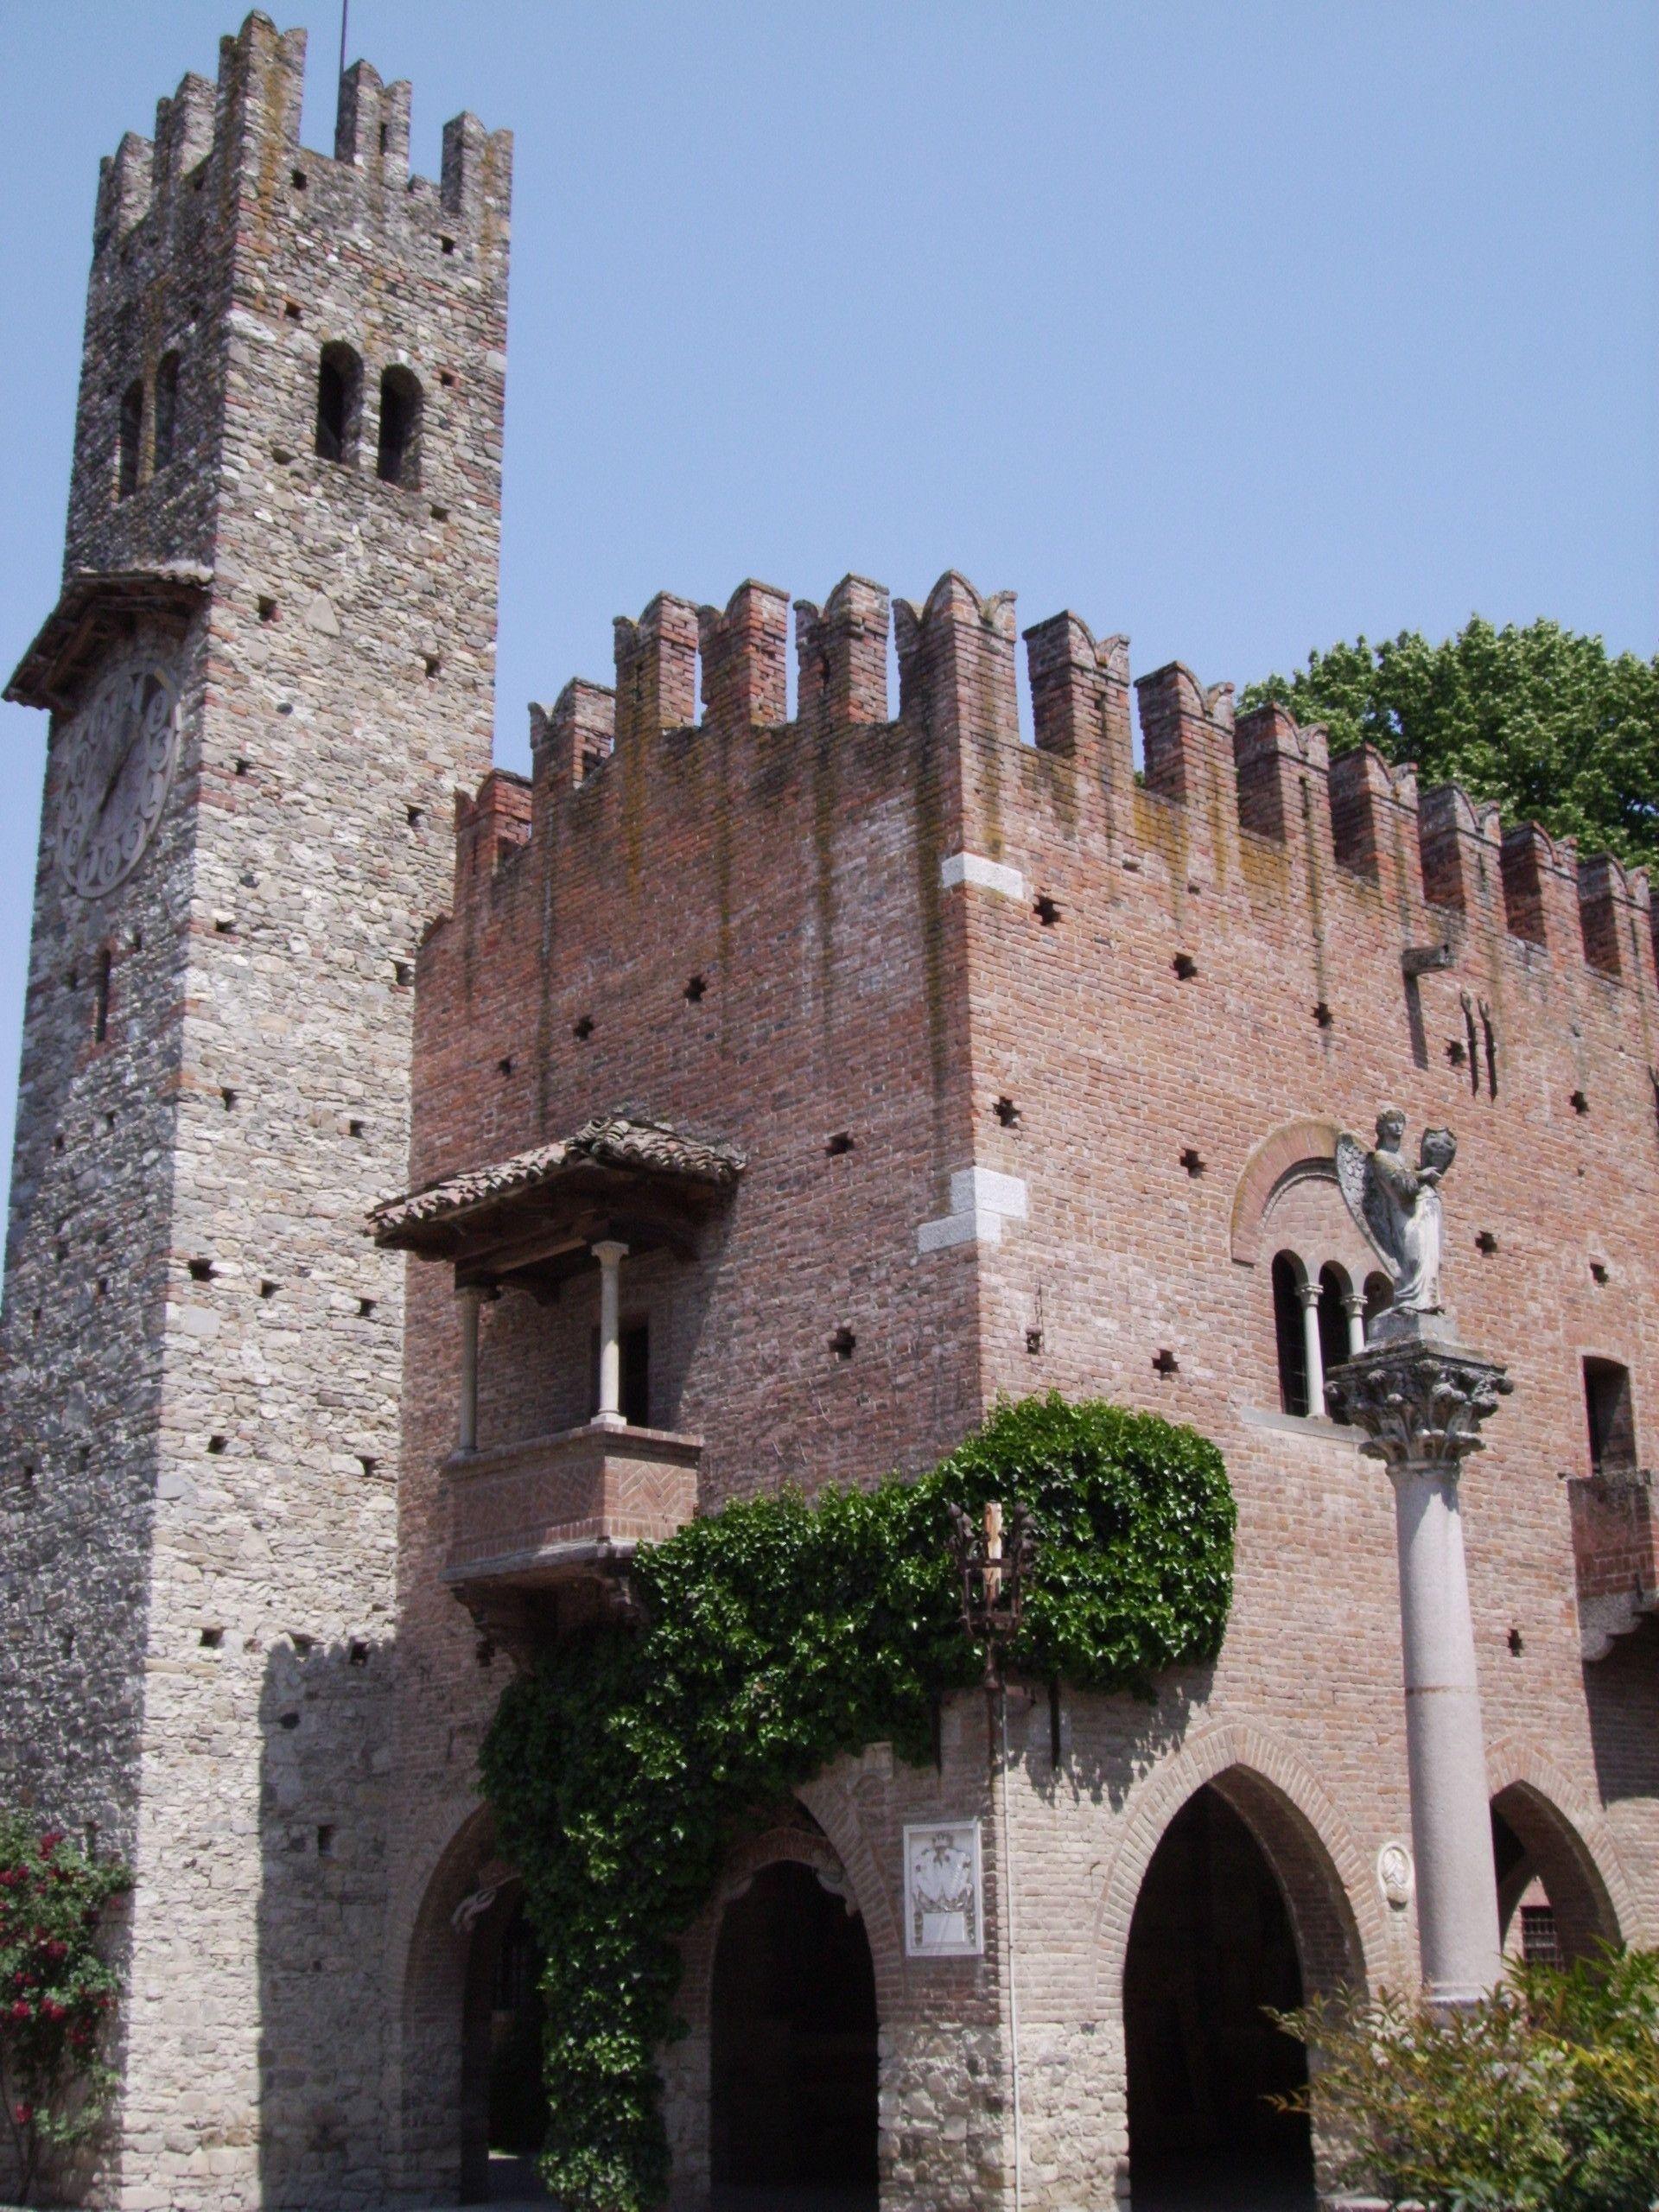 Palazzo dell'Istituzione Grazzano Visconti